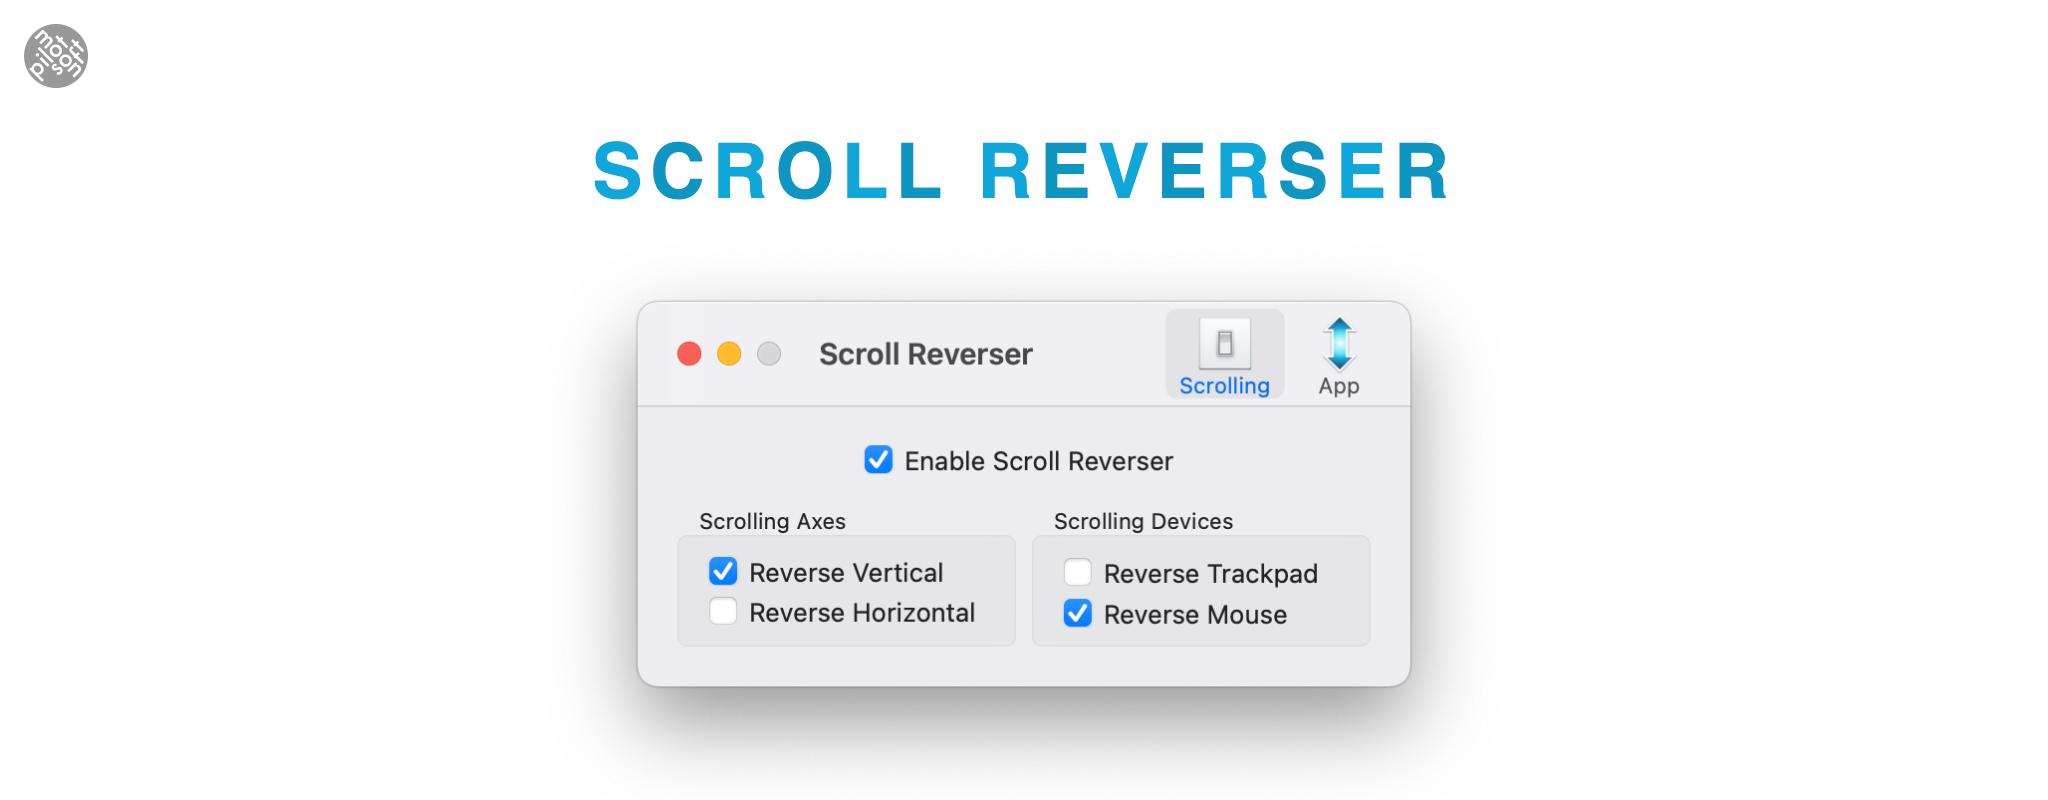 Scroll Reveser